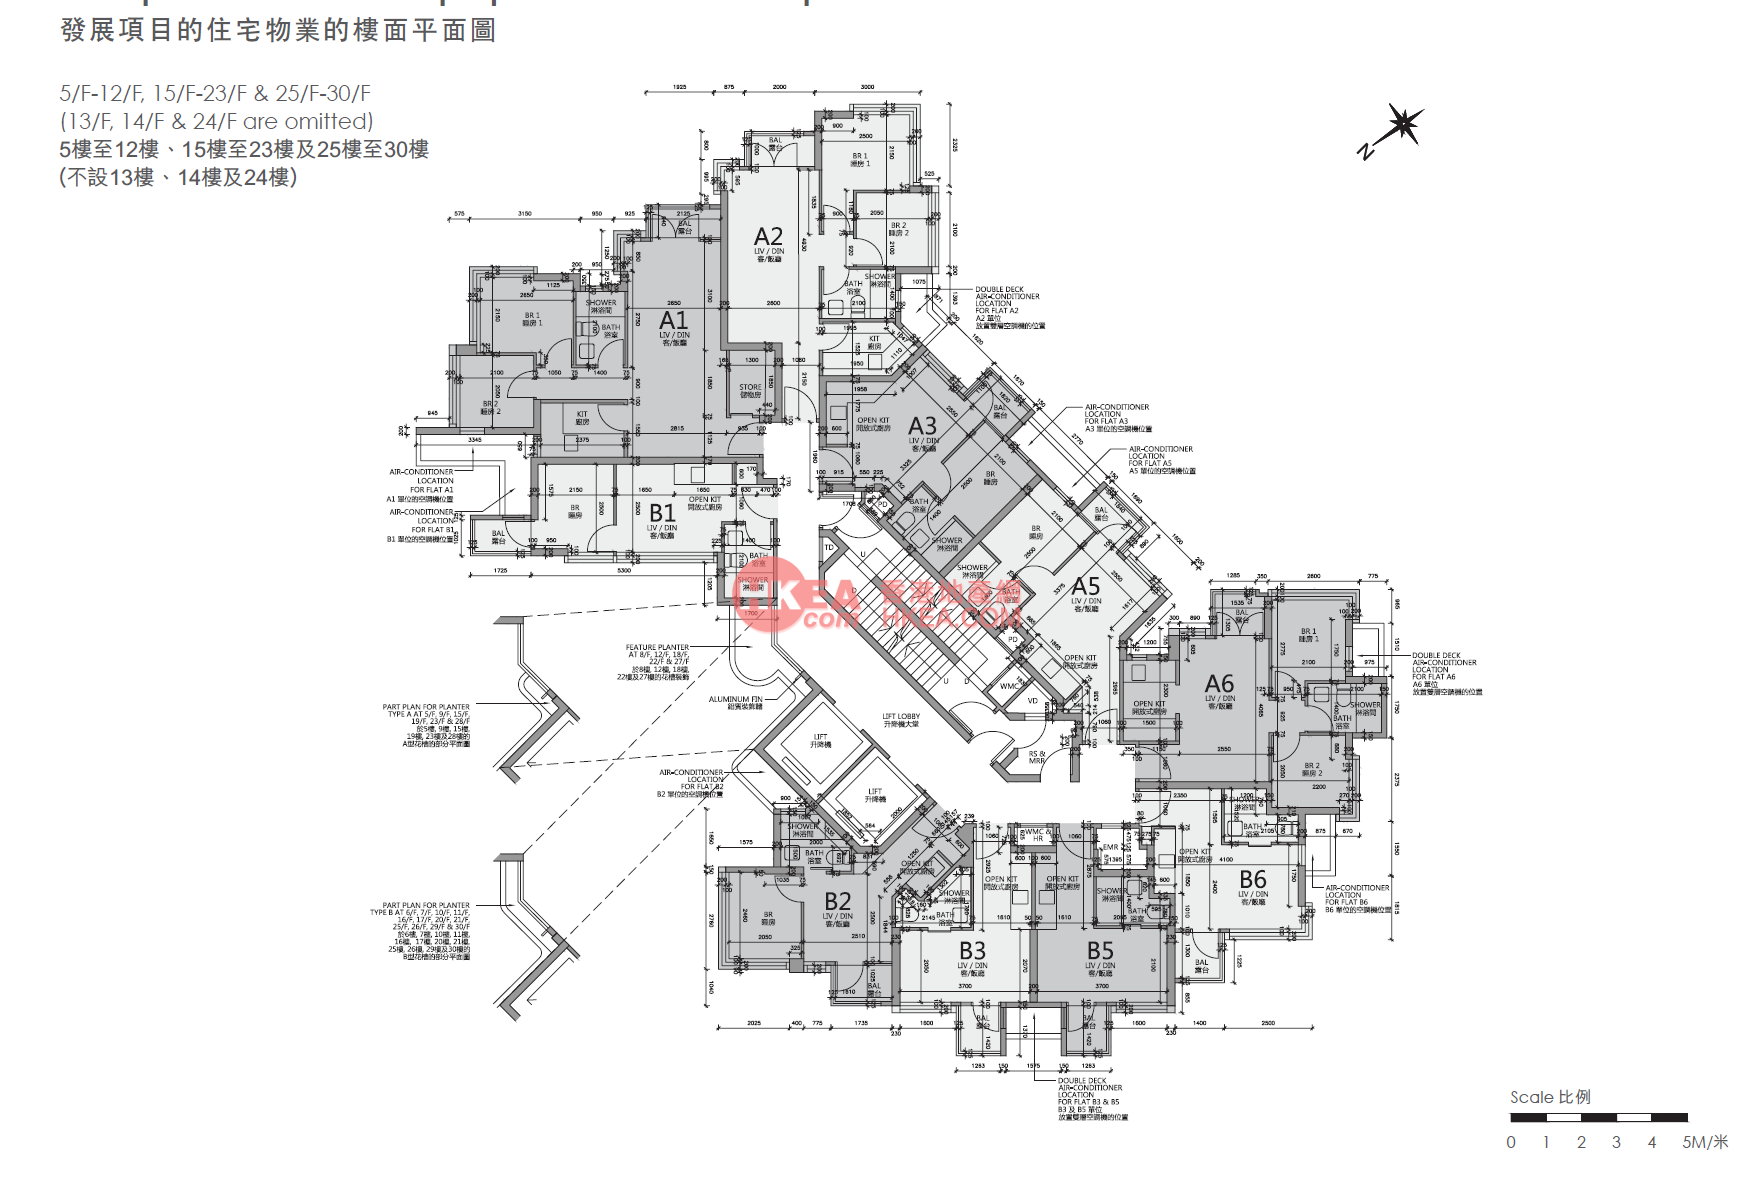 何文田 瑧樺|05-30(A1A2A3A5A6B1B2B3B5B6)